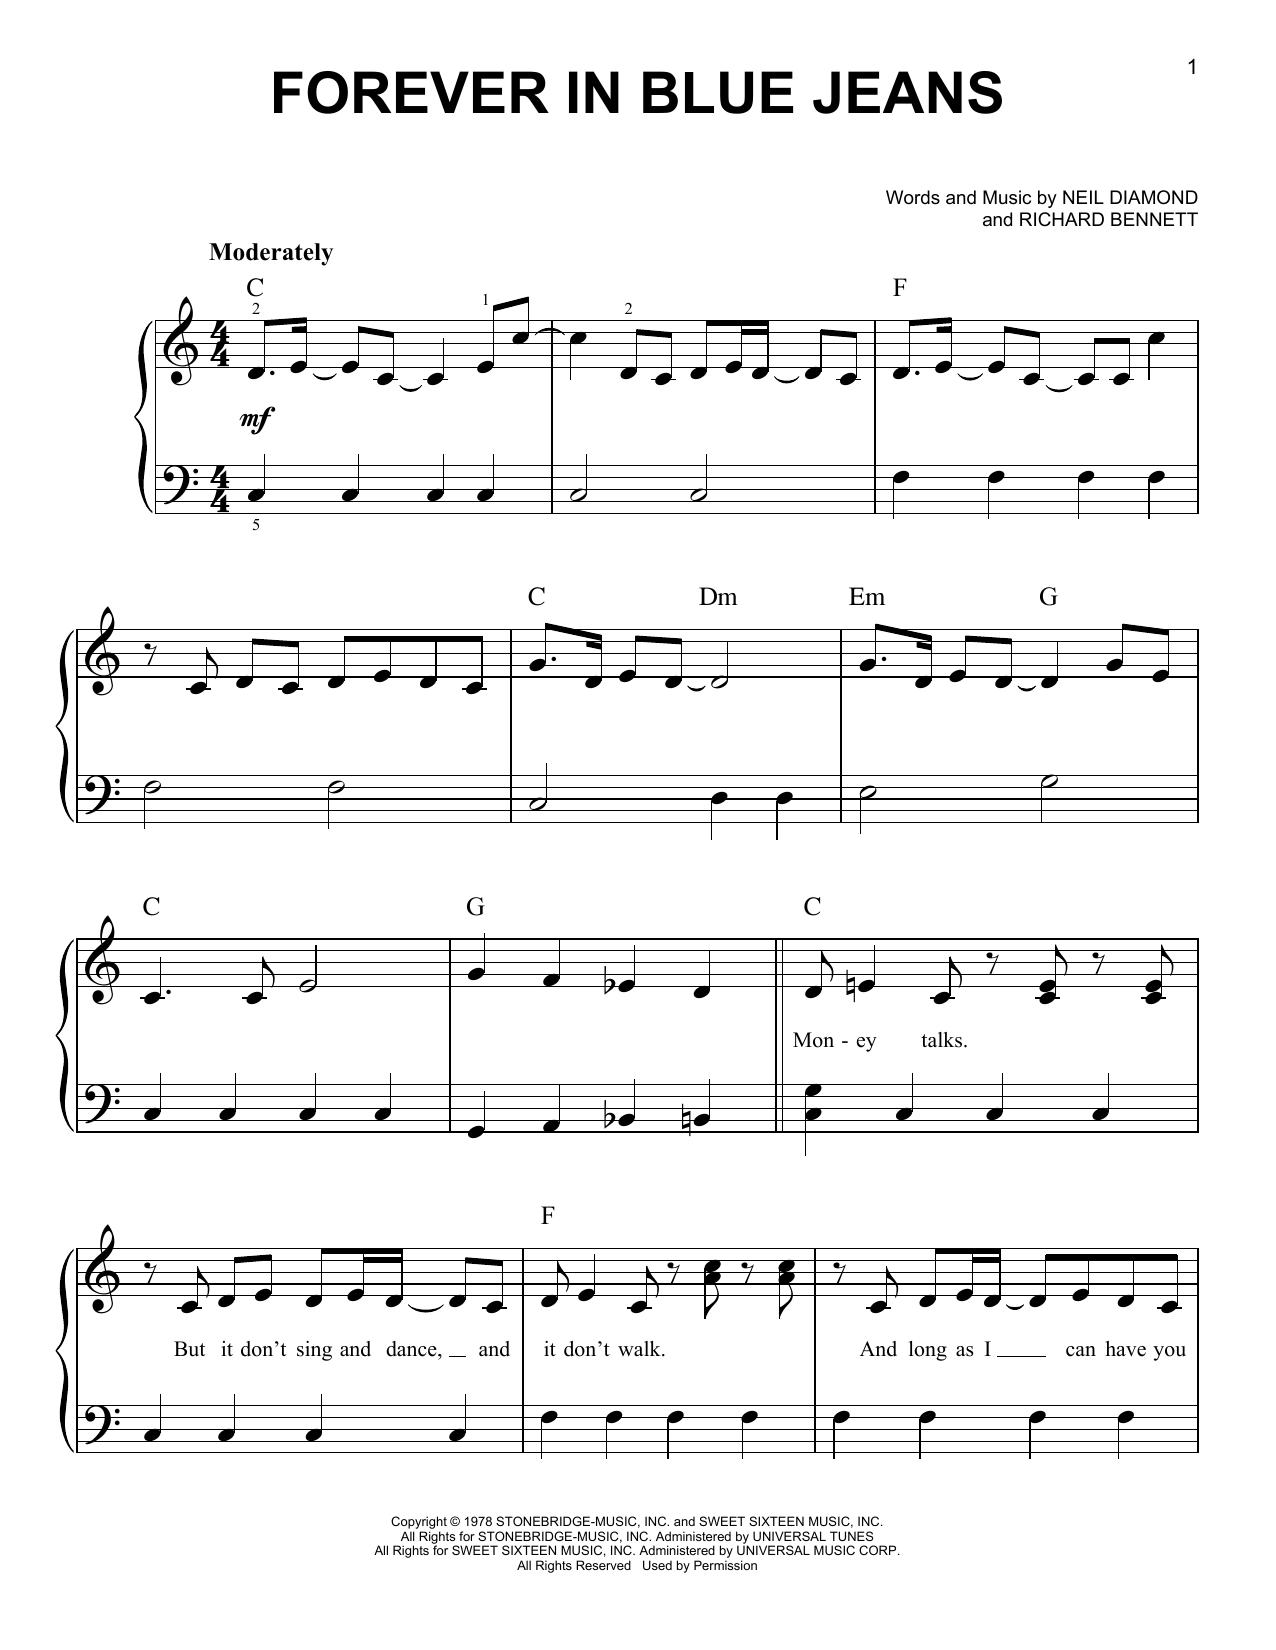 Sheet Music Digital Files To Print Licensed Richard Bennett